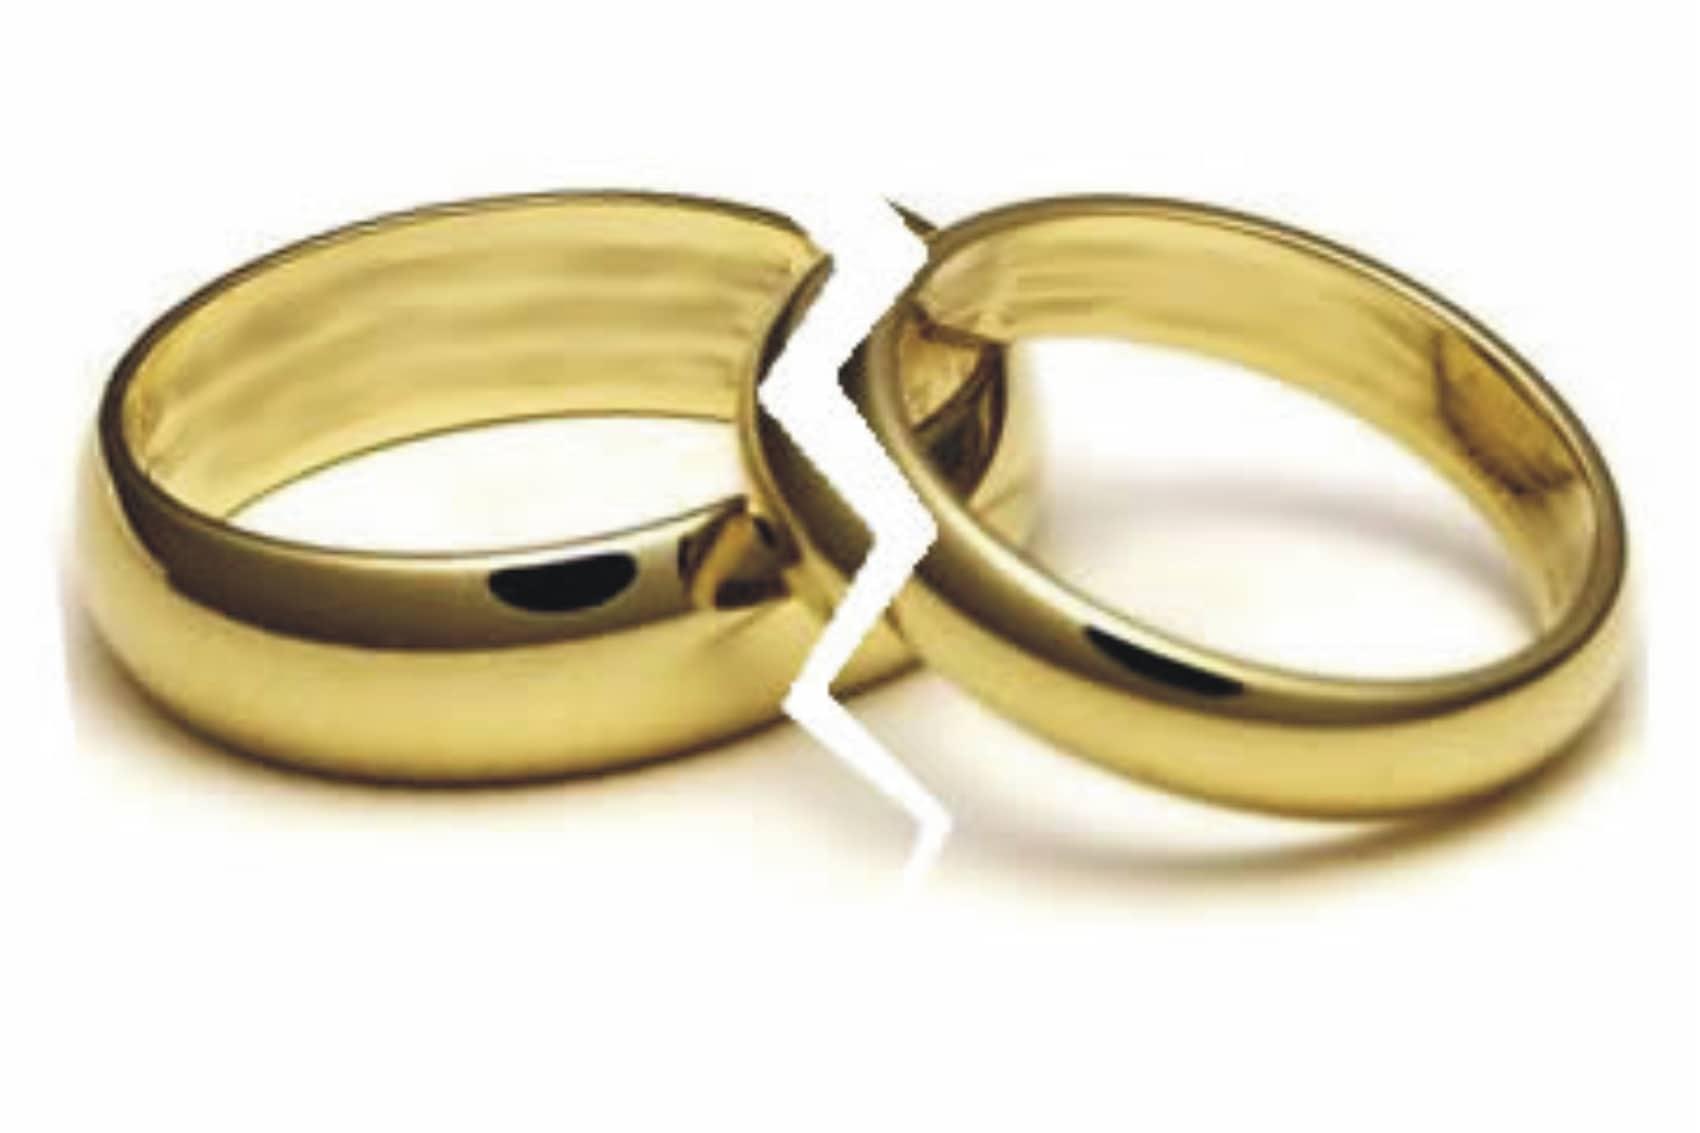 Divórcio, Separação e Anulação de União Estável Consensual